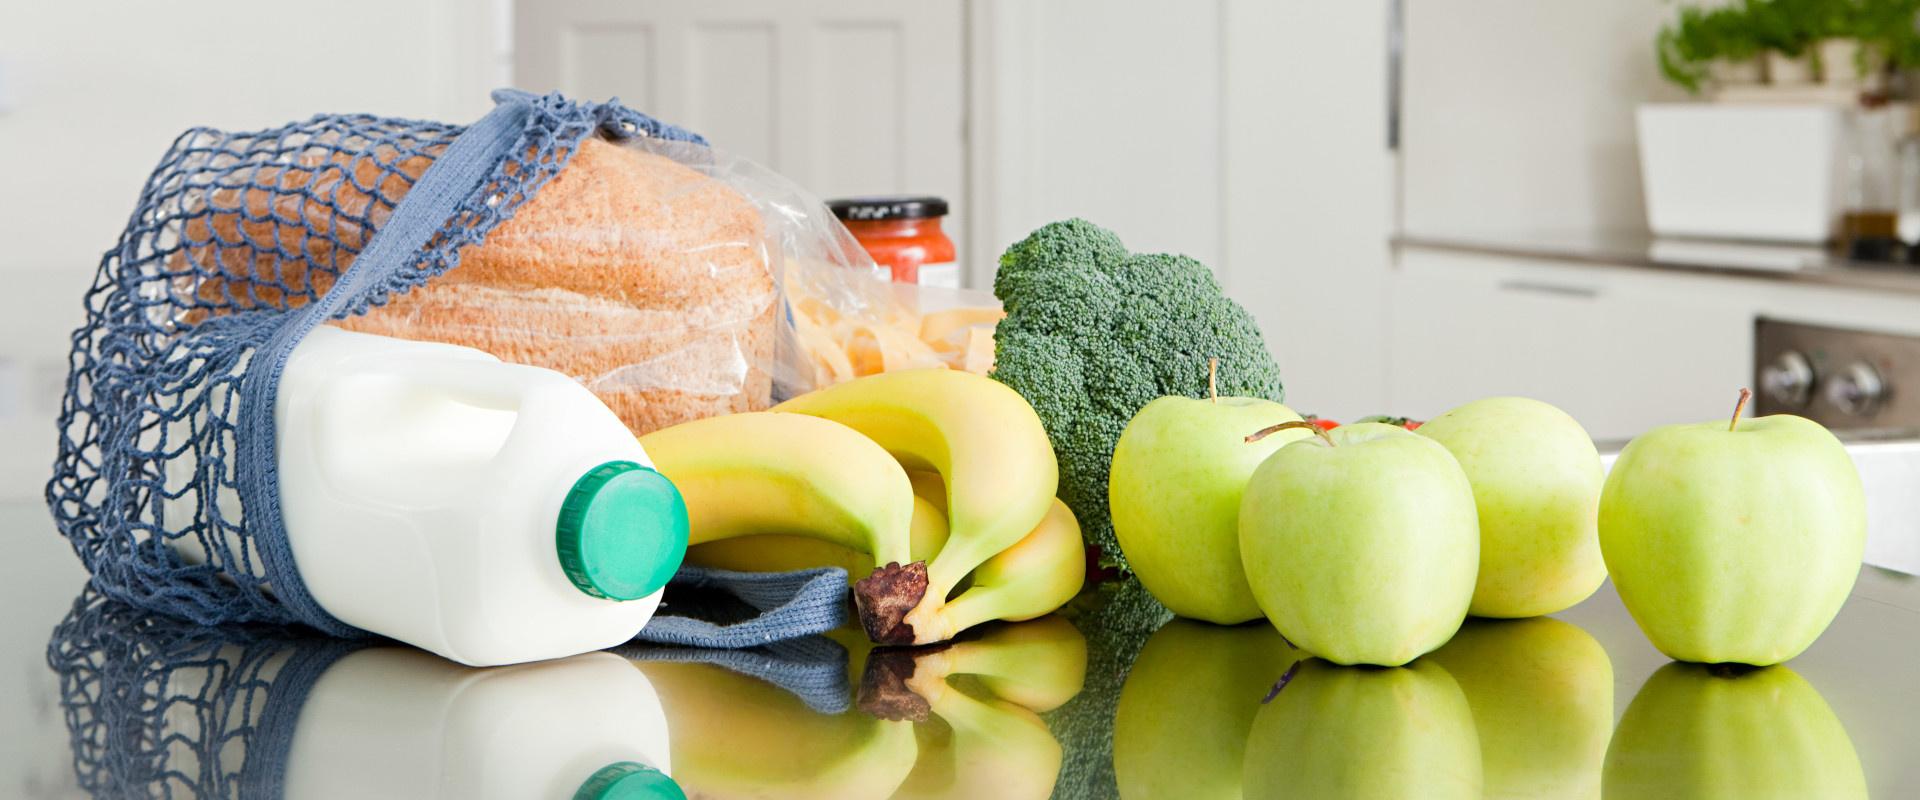 zöldség gyümölcs frissen cover